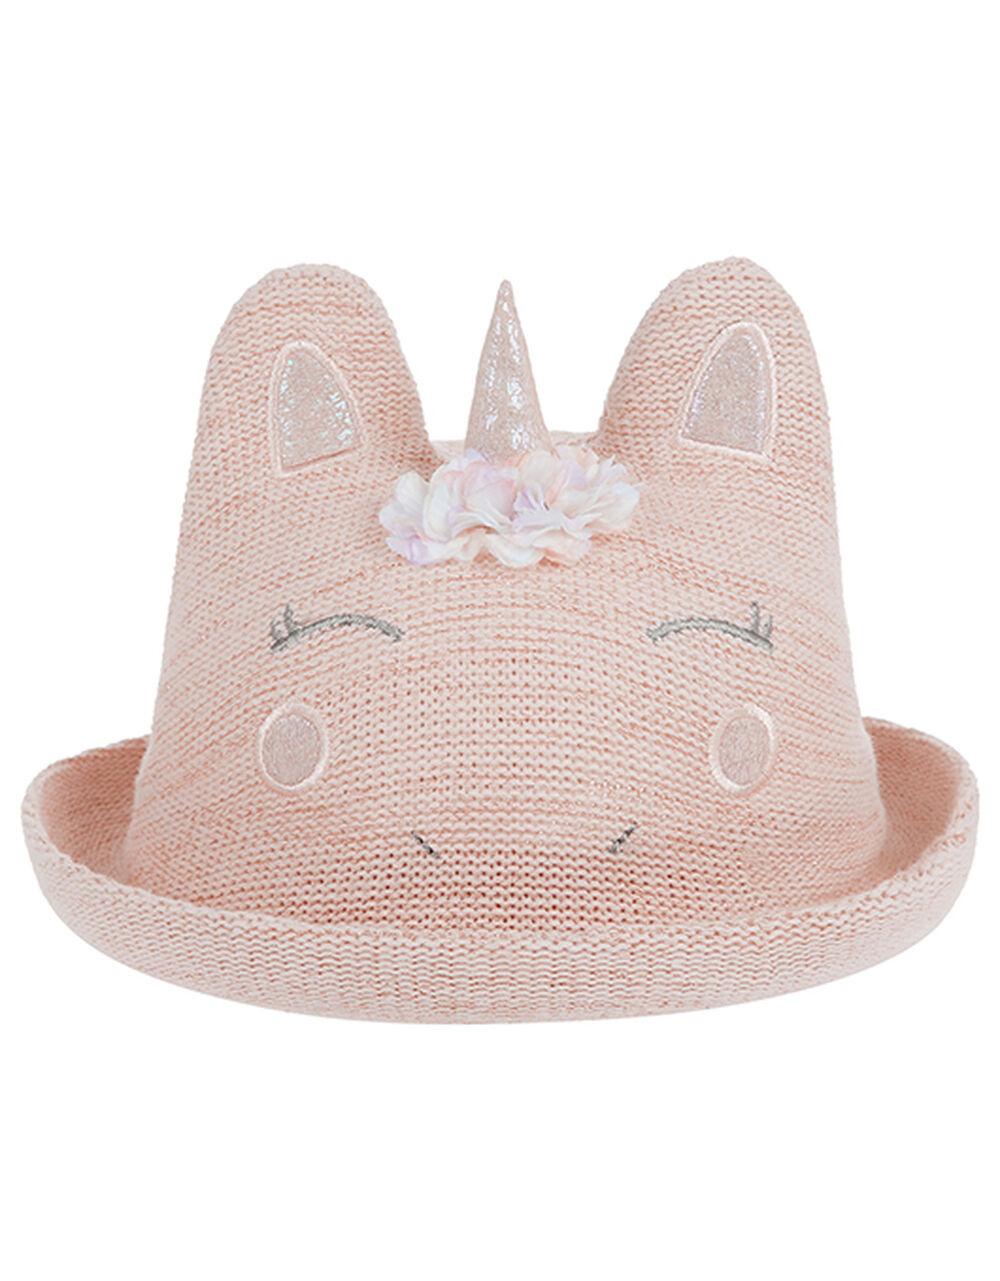 Baby Unicorn Bowler, Pink (PINK), large